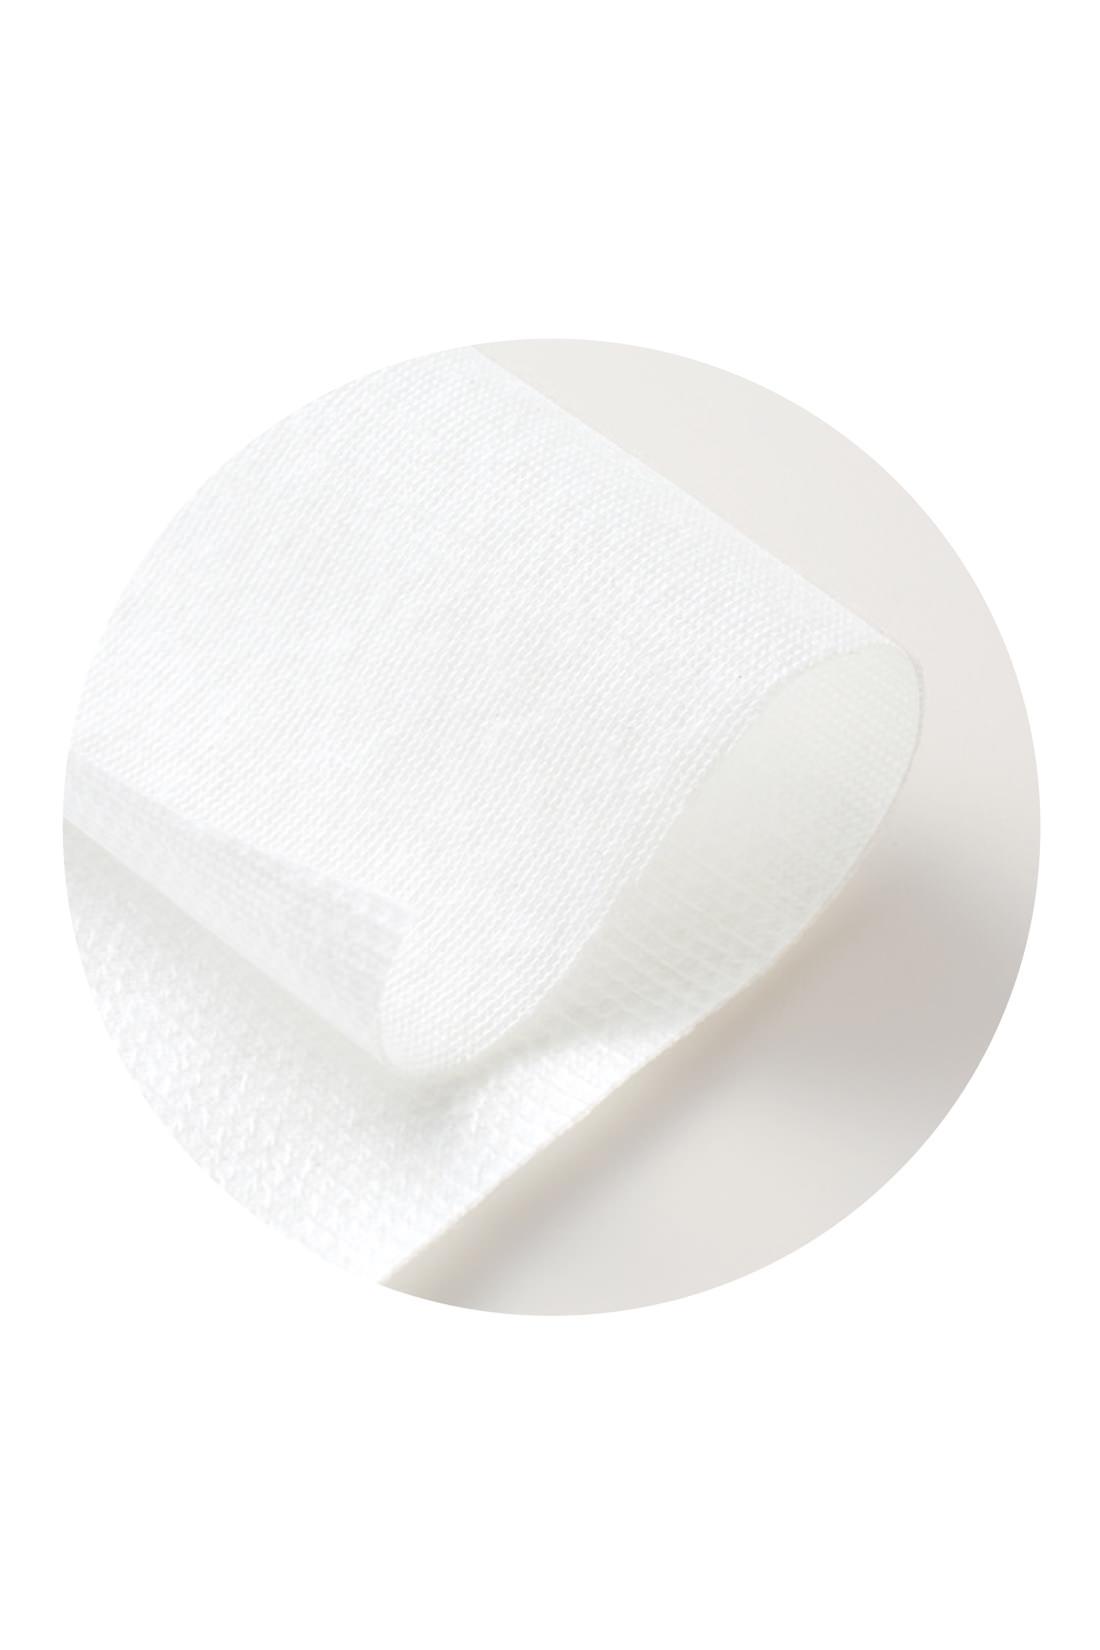 しっかりガードするのに薄い防水布。もたつき感がないから、はき心地はふつうのショーツ気分。